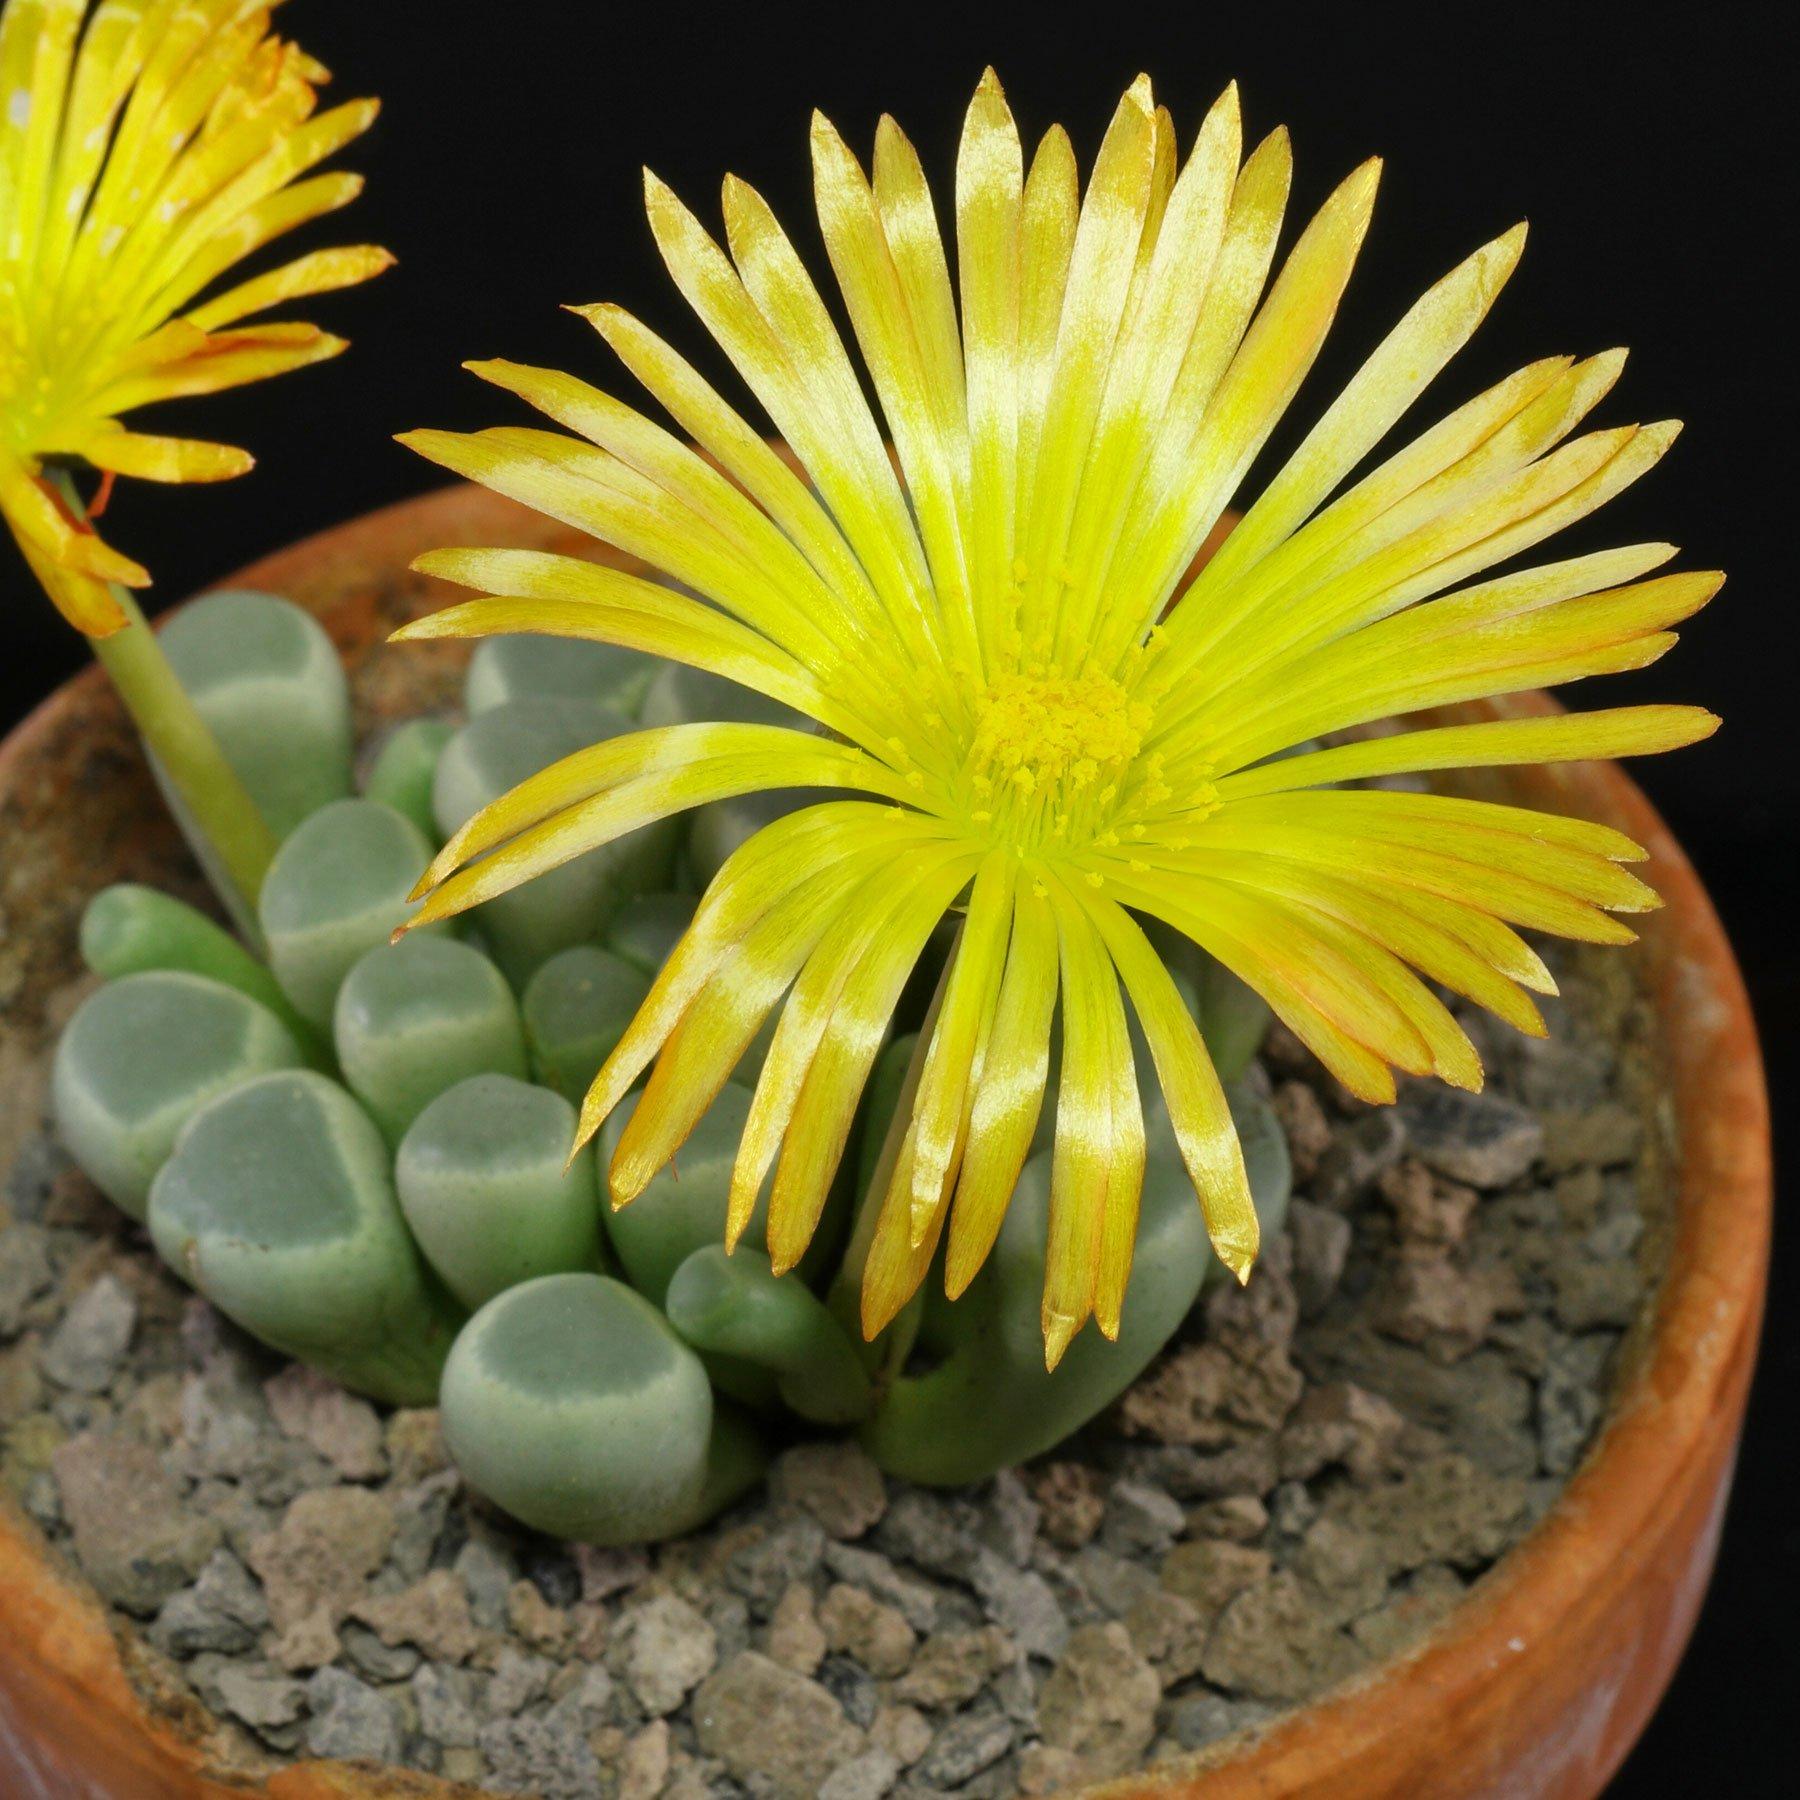 Fenestraria rhopalophylla ssp. aurantiaca